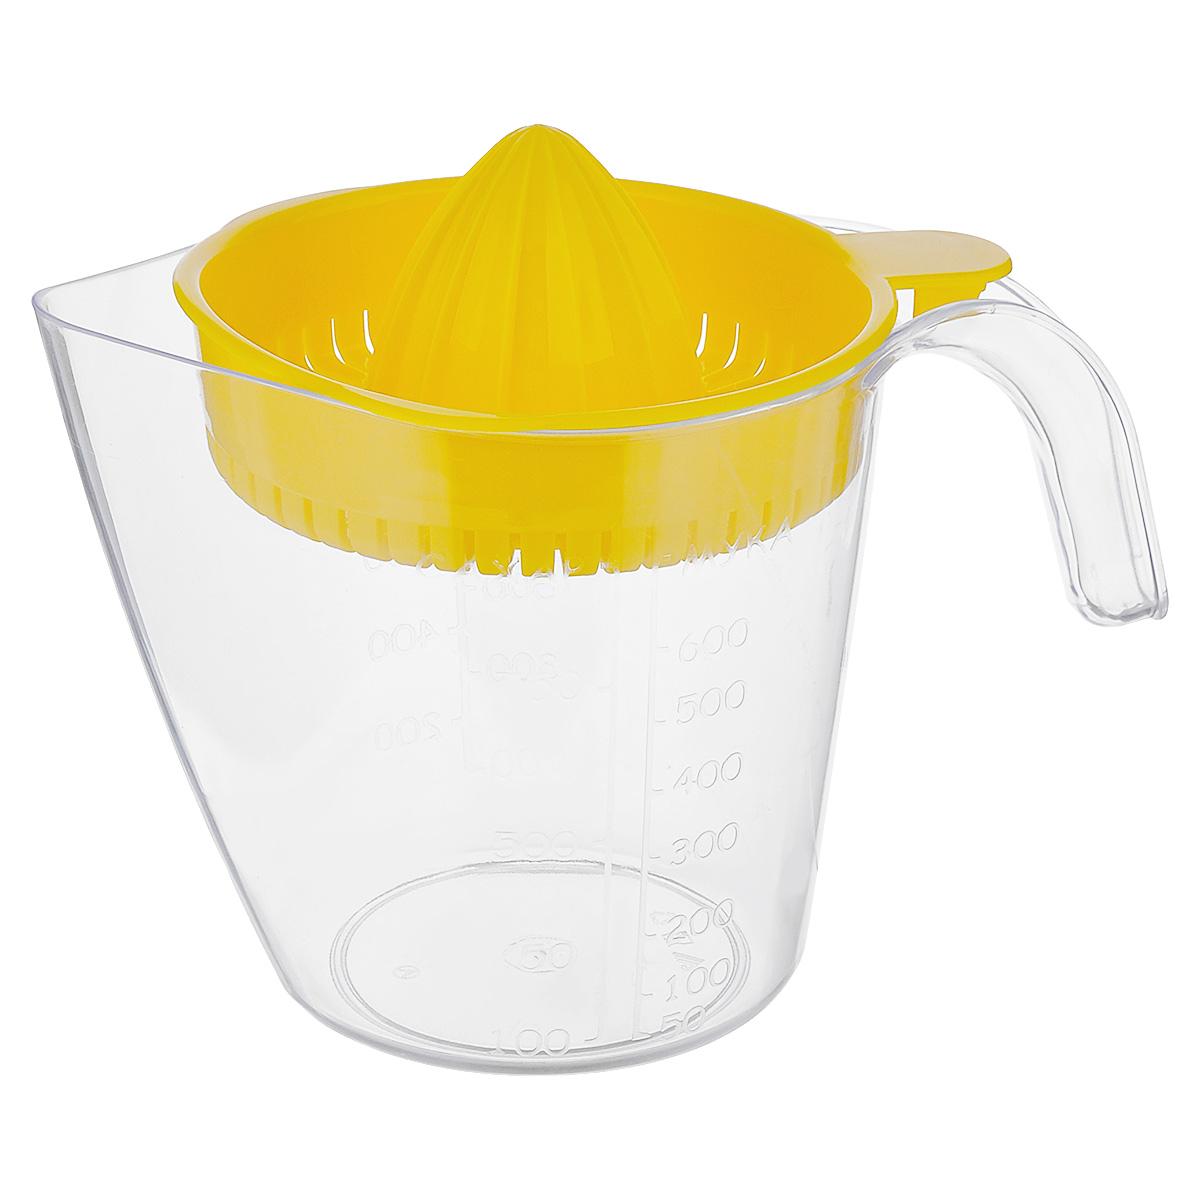 Соковыжималка для цитрусовых Альтернатива, ручная, с мерным стаканом, цвет: желтый, 1,1 лМ380Ручная соковыжималка для цитрусовых Альтернатива, изготовленная из пластика, станет полезным аксессуаром на любой кухне. Она идеально подойдет для мелких и крупных цитрусовых фруктов. Достаточно разрезать фрукты пополам, зафиксировать на держателе и покрутить. Сок выливается в мерный стакан, входящий в комплект. Простая и удобная в использовании соковыжималка Альтернатива займет достойное место среди кухонного инвентаря. Размер соковыжималки: 16 см х 13,5 см х 6 см. Объем мерного стакана: 1,1 л. Диаметр стакана по верхнему краю: 13 см. Высота стакана: 13,5 см.